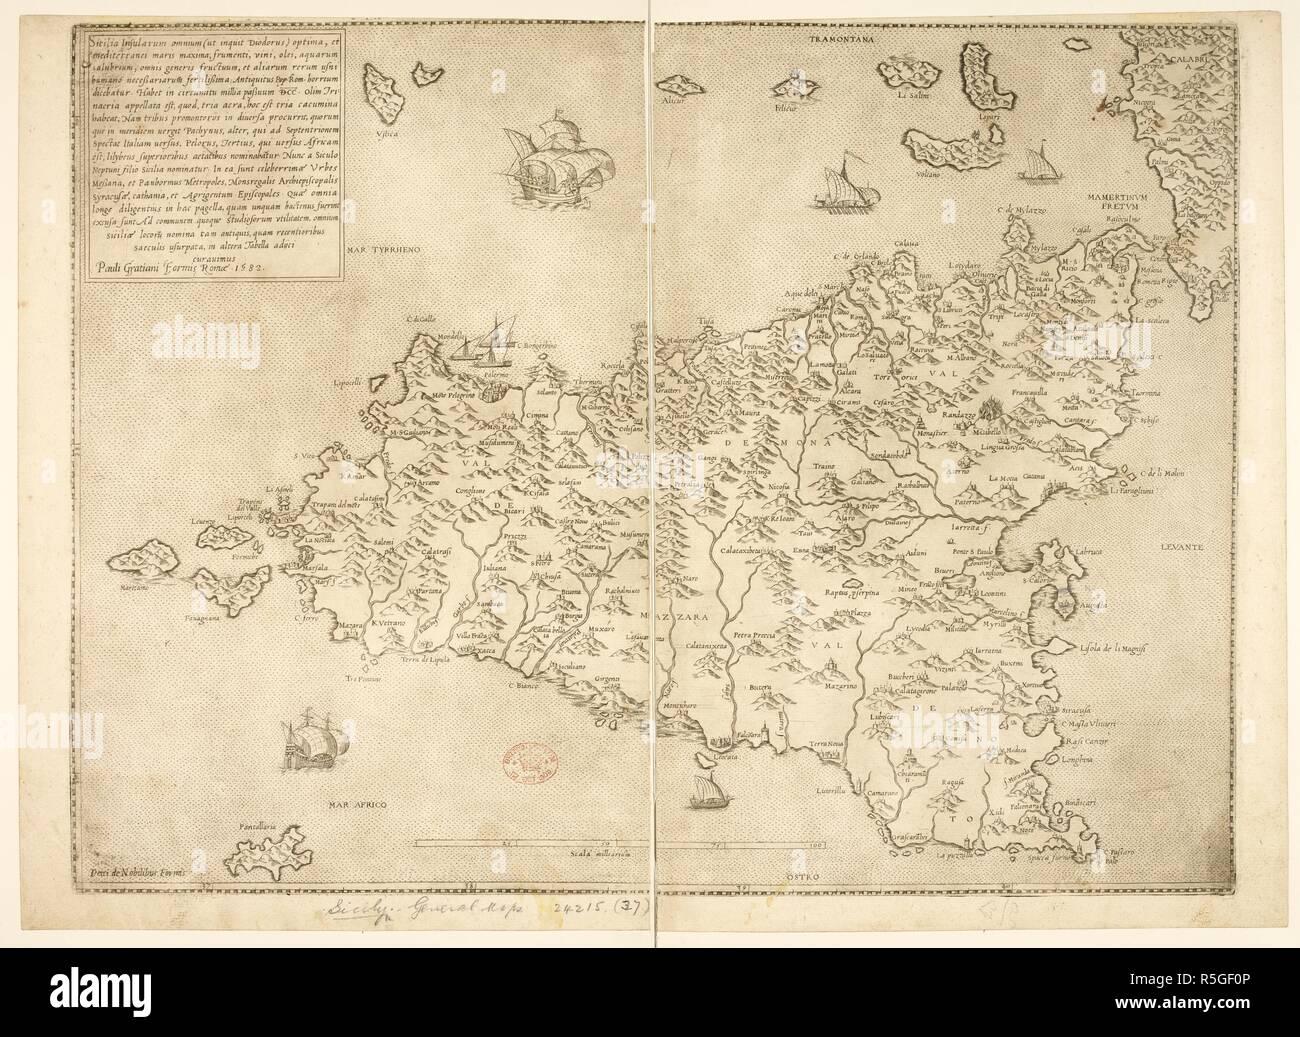 Map of the island of Sicily  Sicilia insularum omnium optima Scala